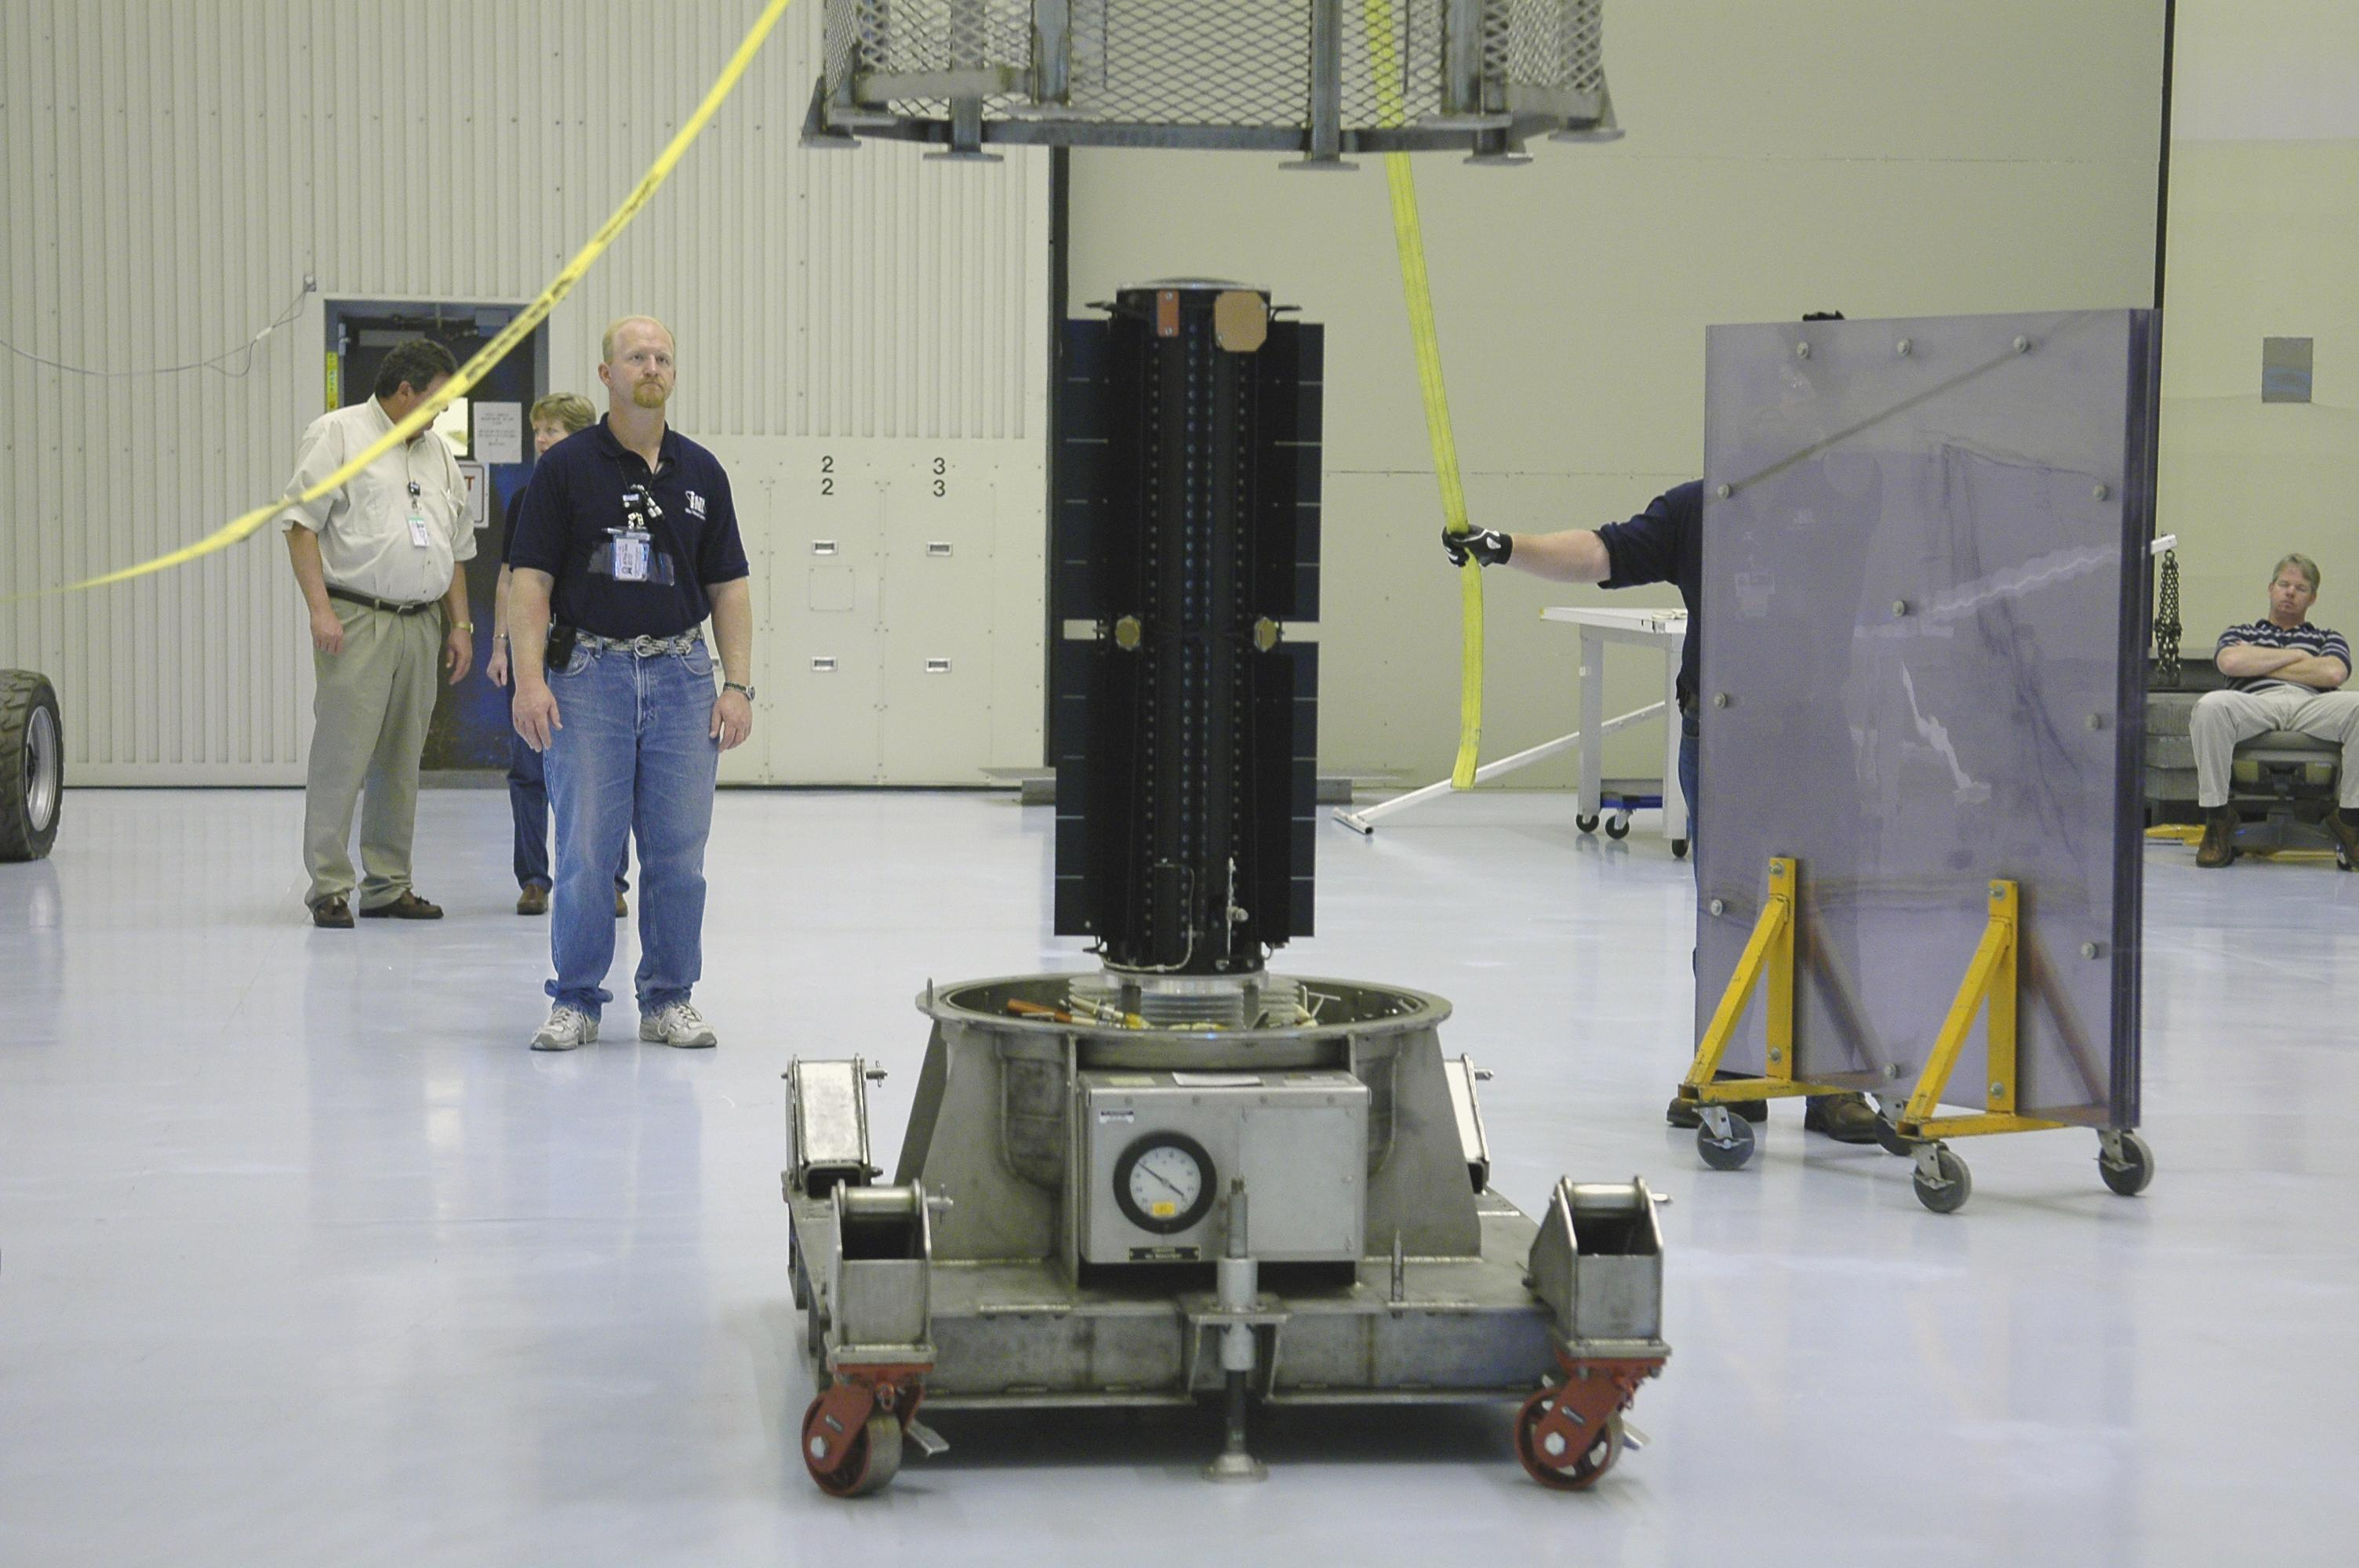 Радиоизотопный термоэлектрический генератор космического аппарата Новые Горизонты (New Horizons), который был запущен в 2006 г. к Плутону